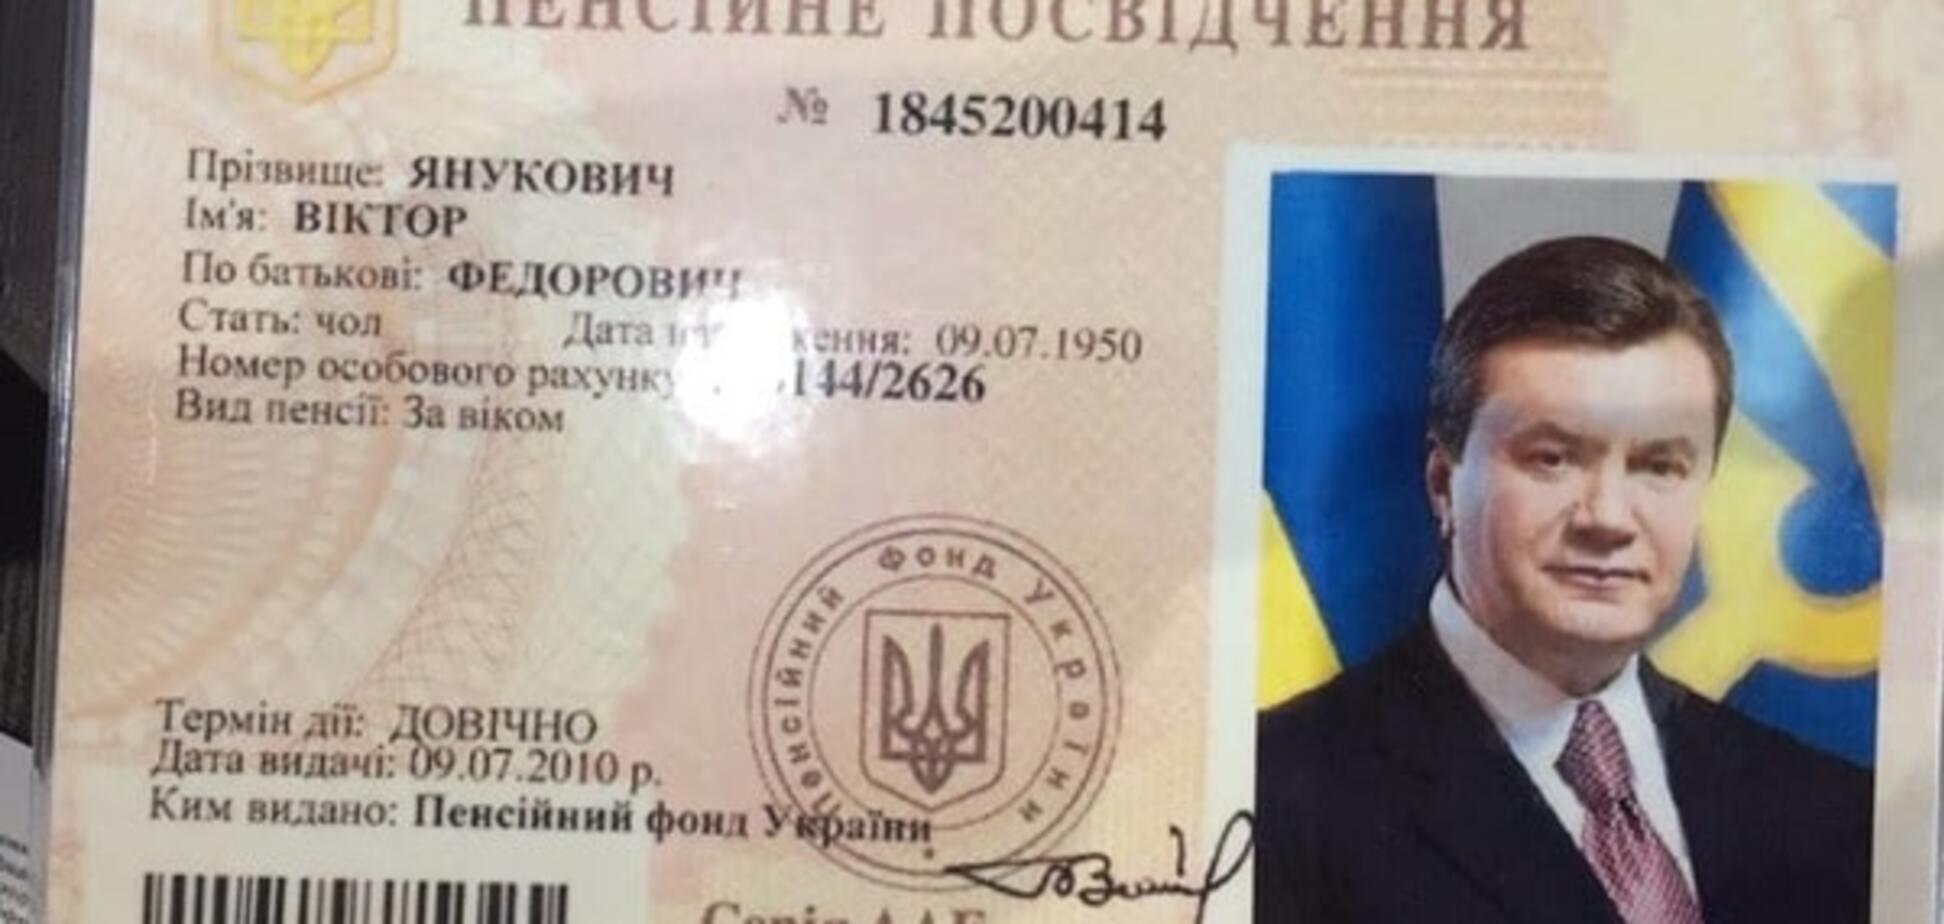 Аваков заявил об обнаружении личного архива 'семьи' Януковича: от печатей до схем вывода средств